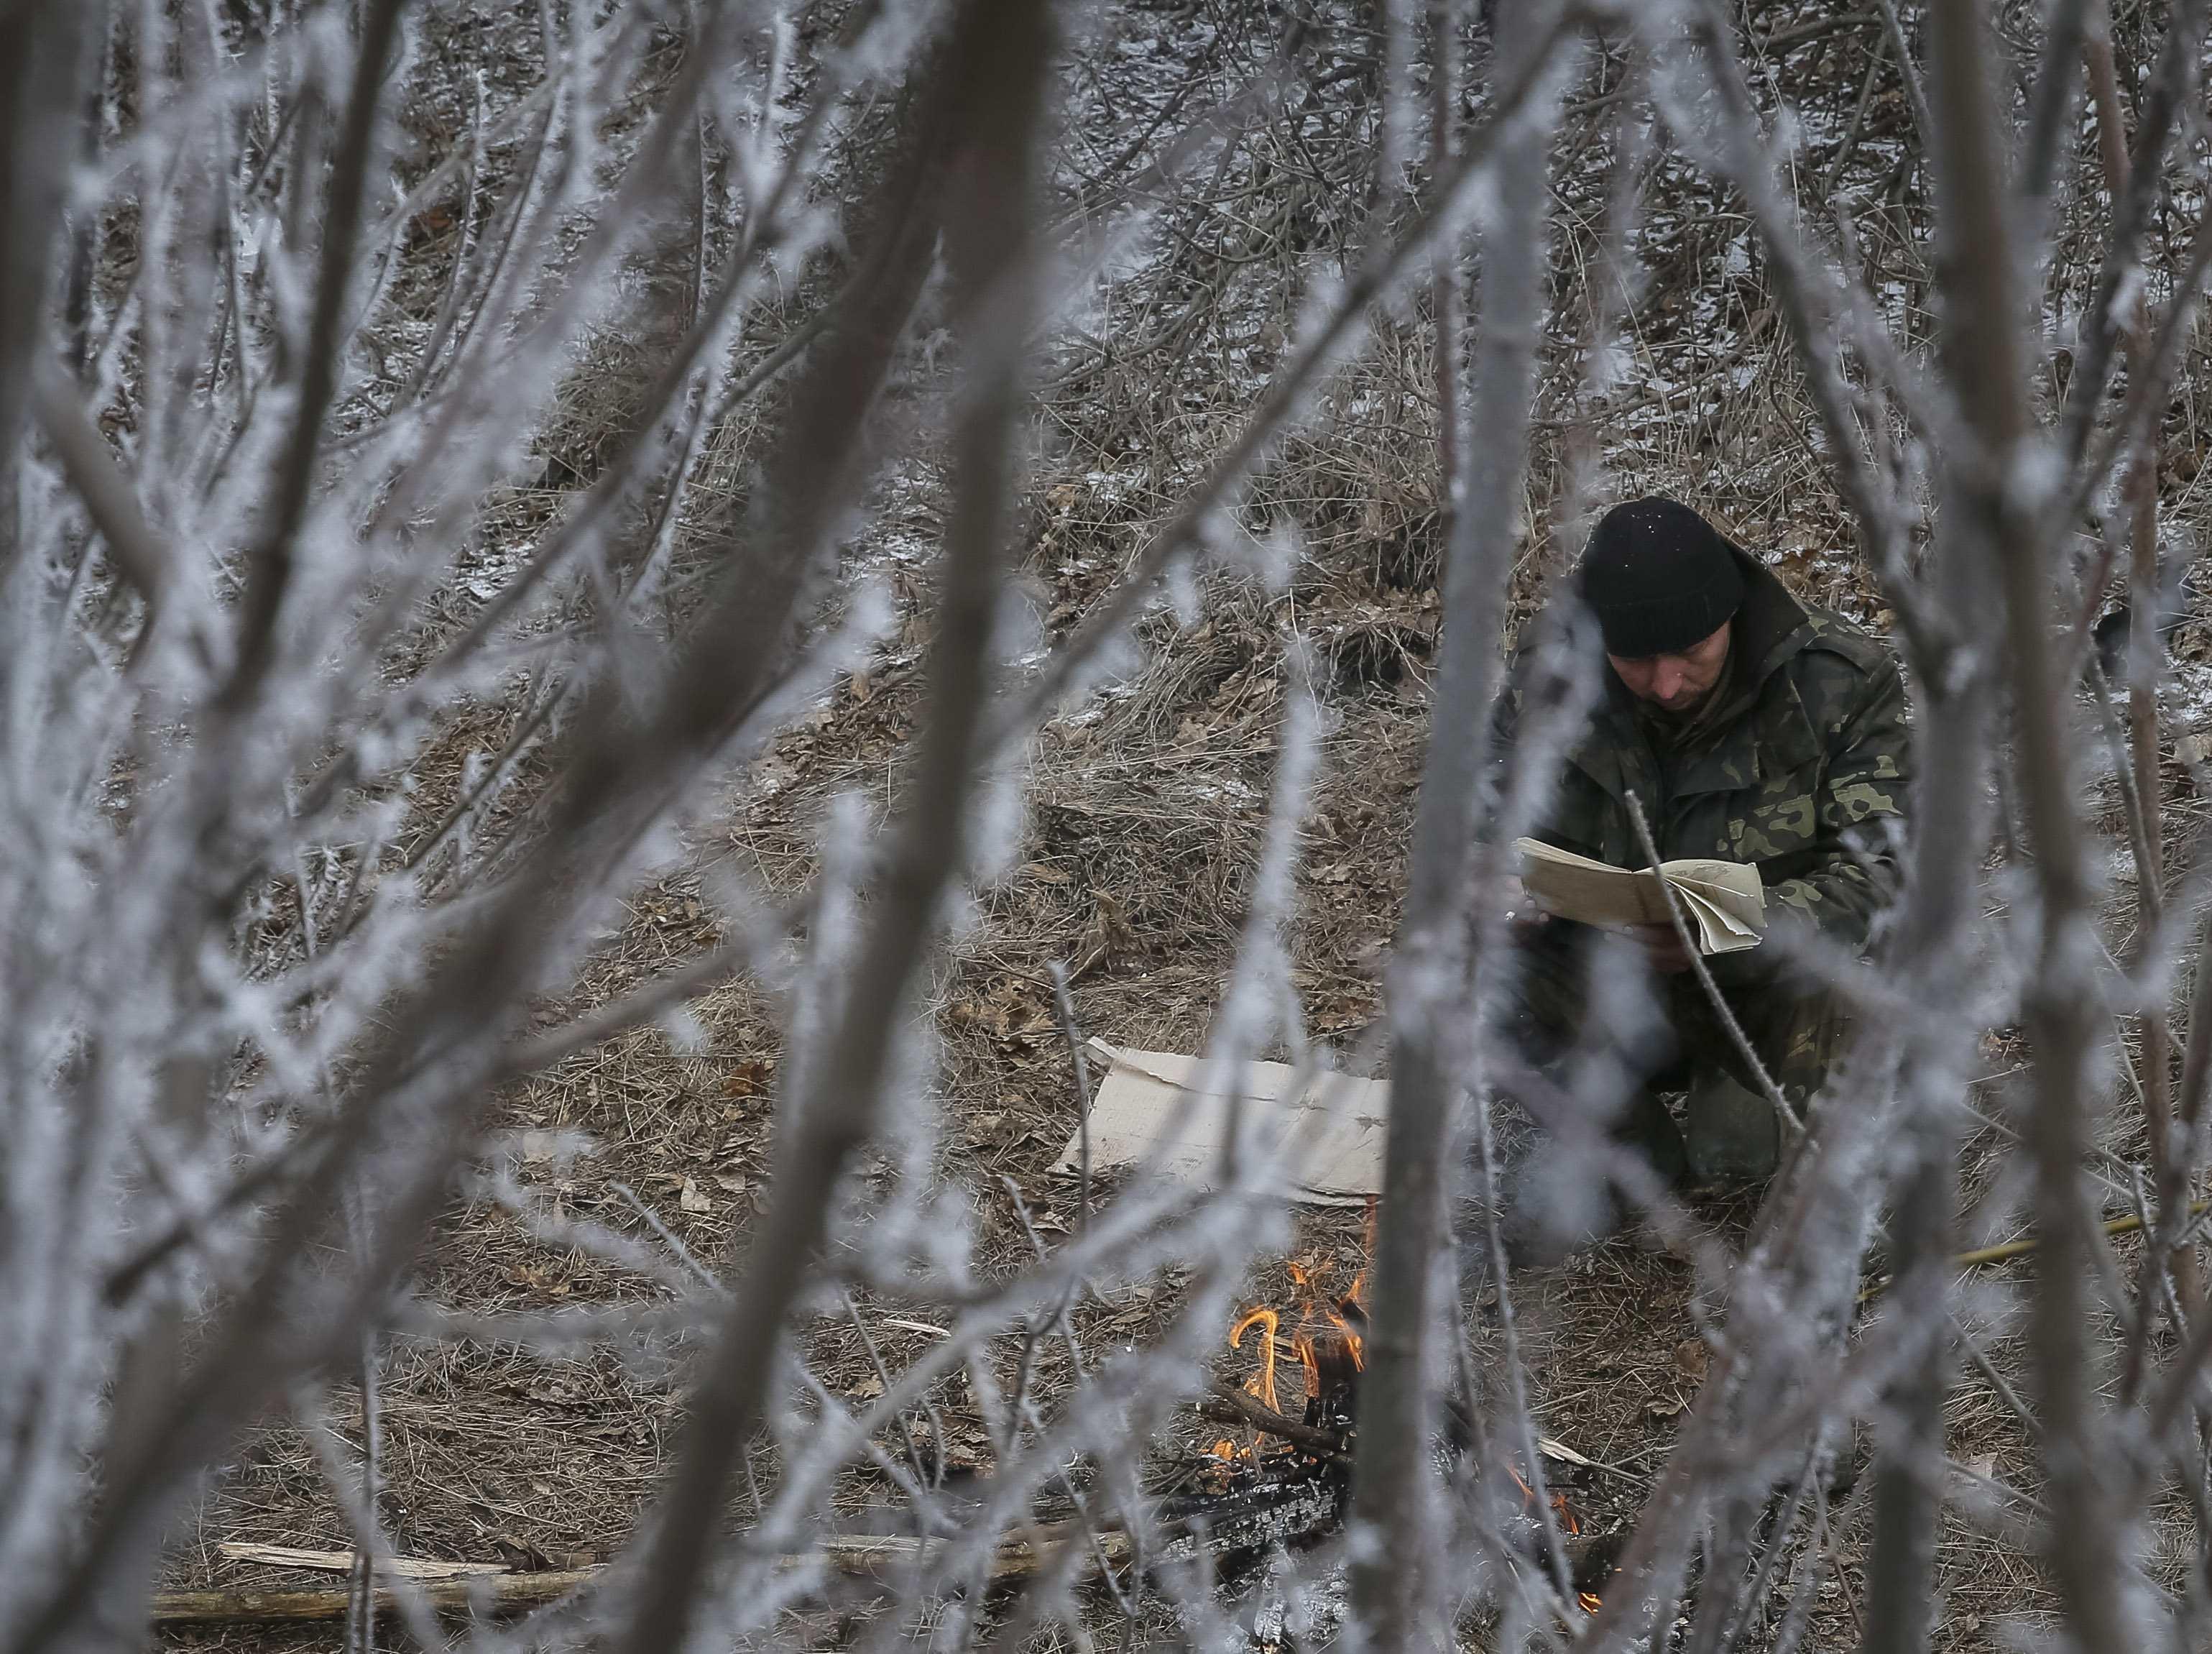 Первое туманное утро перемирия под Дебальцево, футбол, книги и задумчивые лица, опубликованы фото и видео